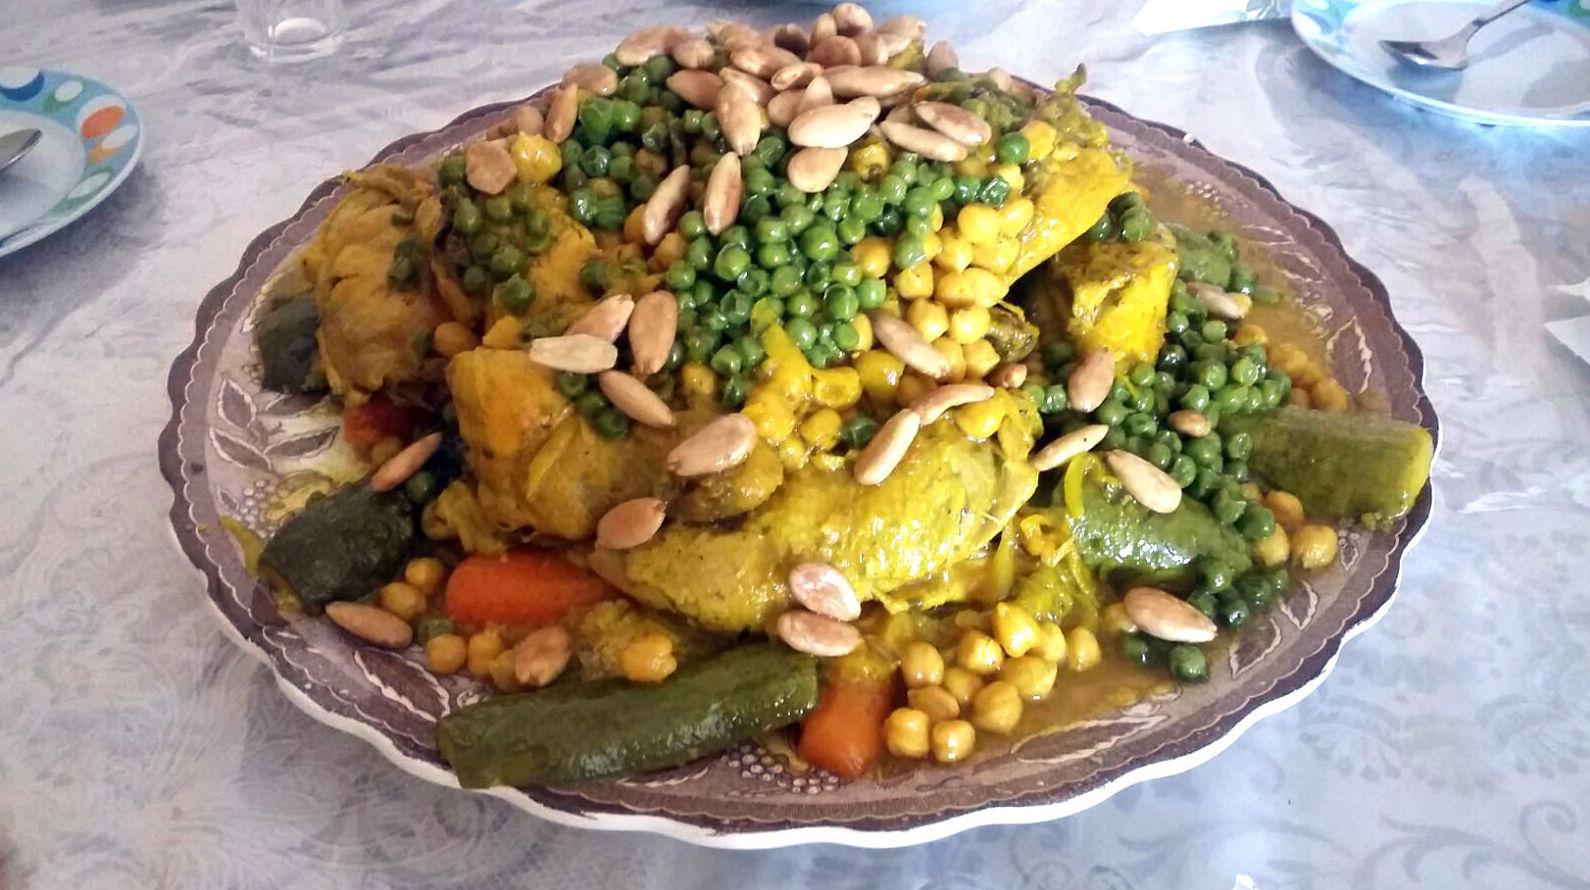 Cocina casera tradicional